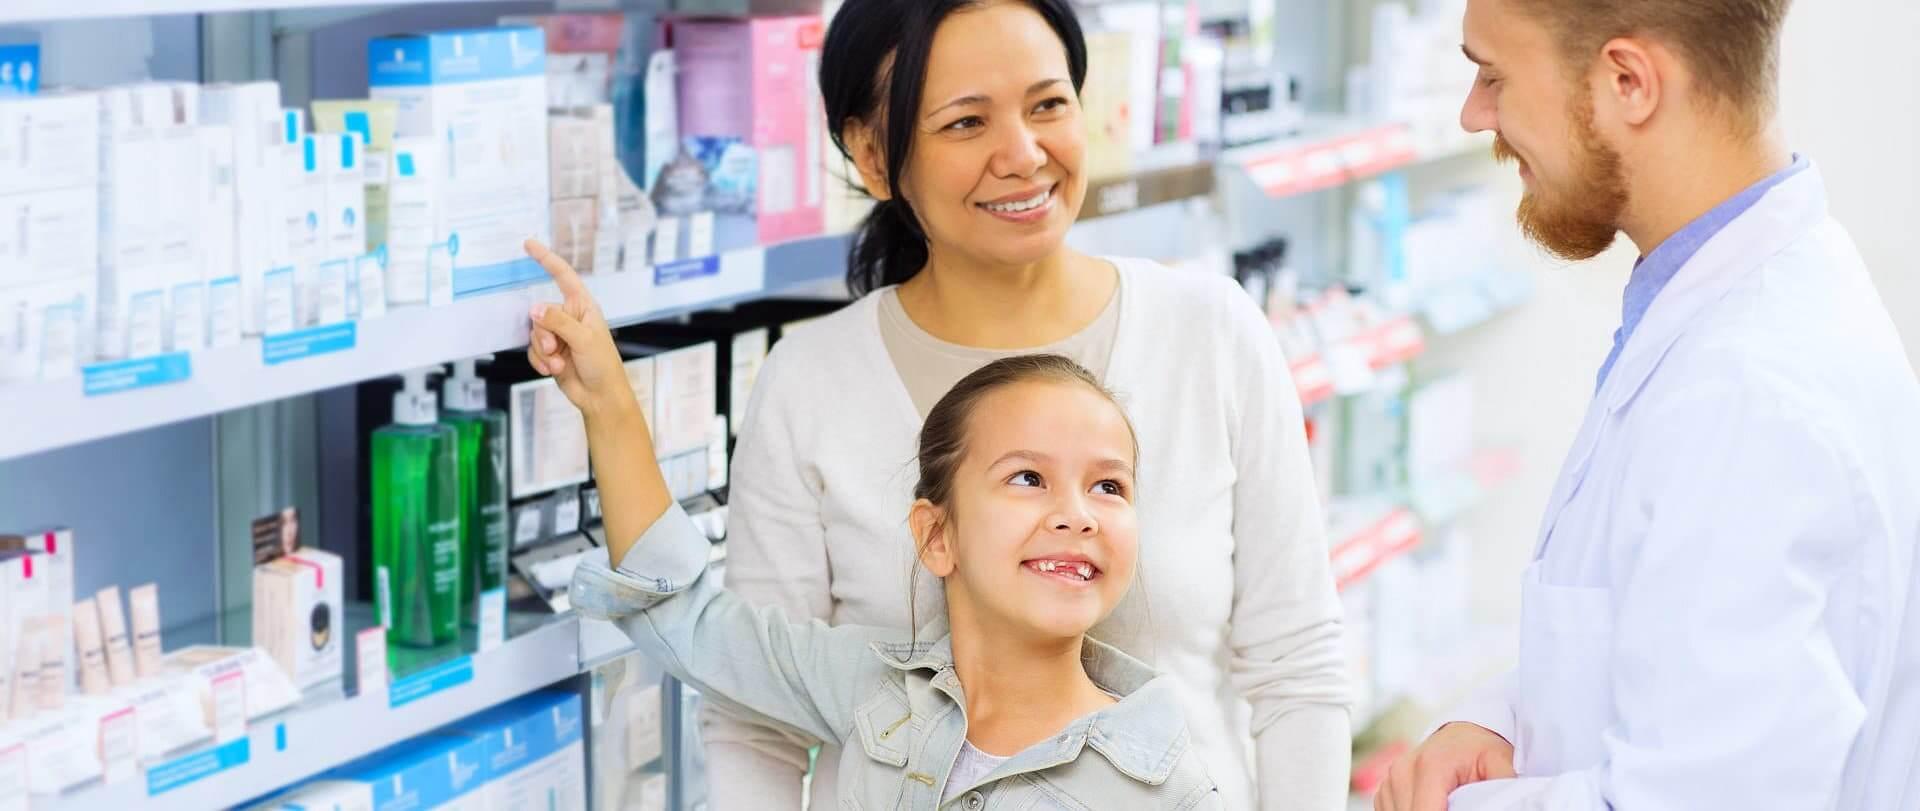 little girl smiling at the pharmacist